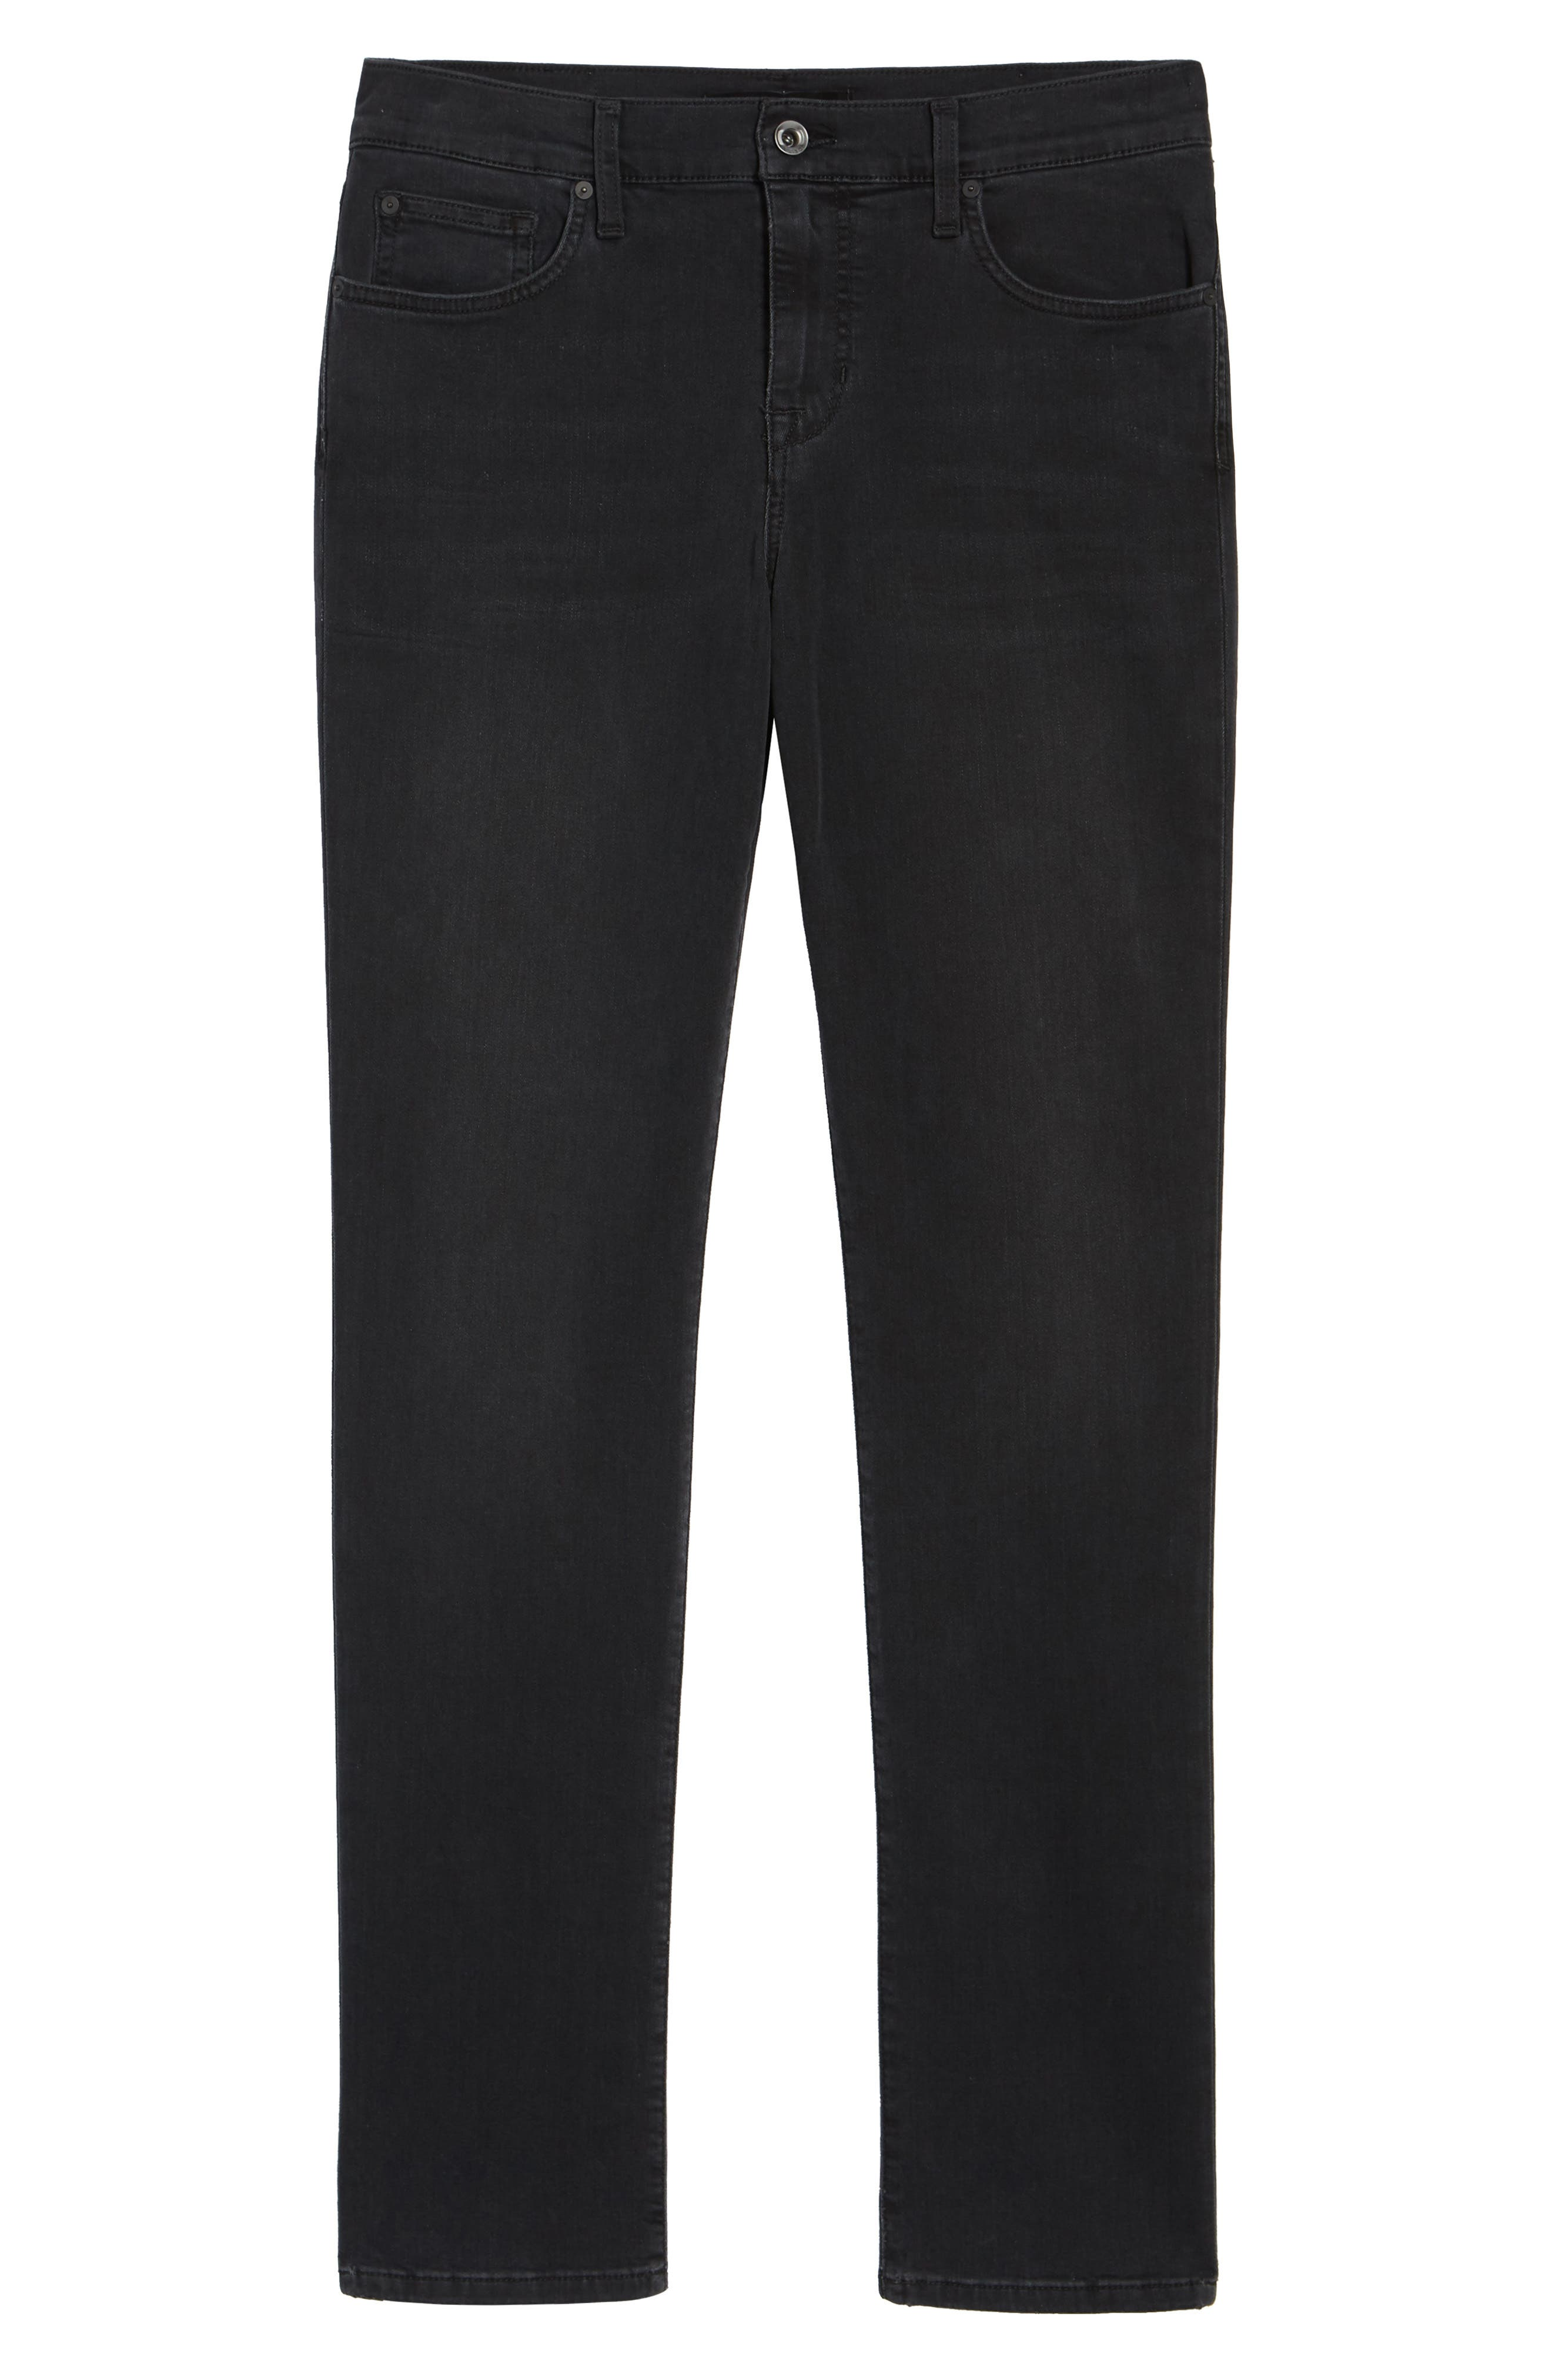 Slim Fit Jeans,                             Alternate thumbnail 6, color,                             001